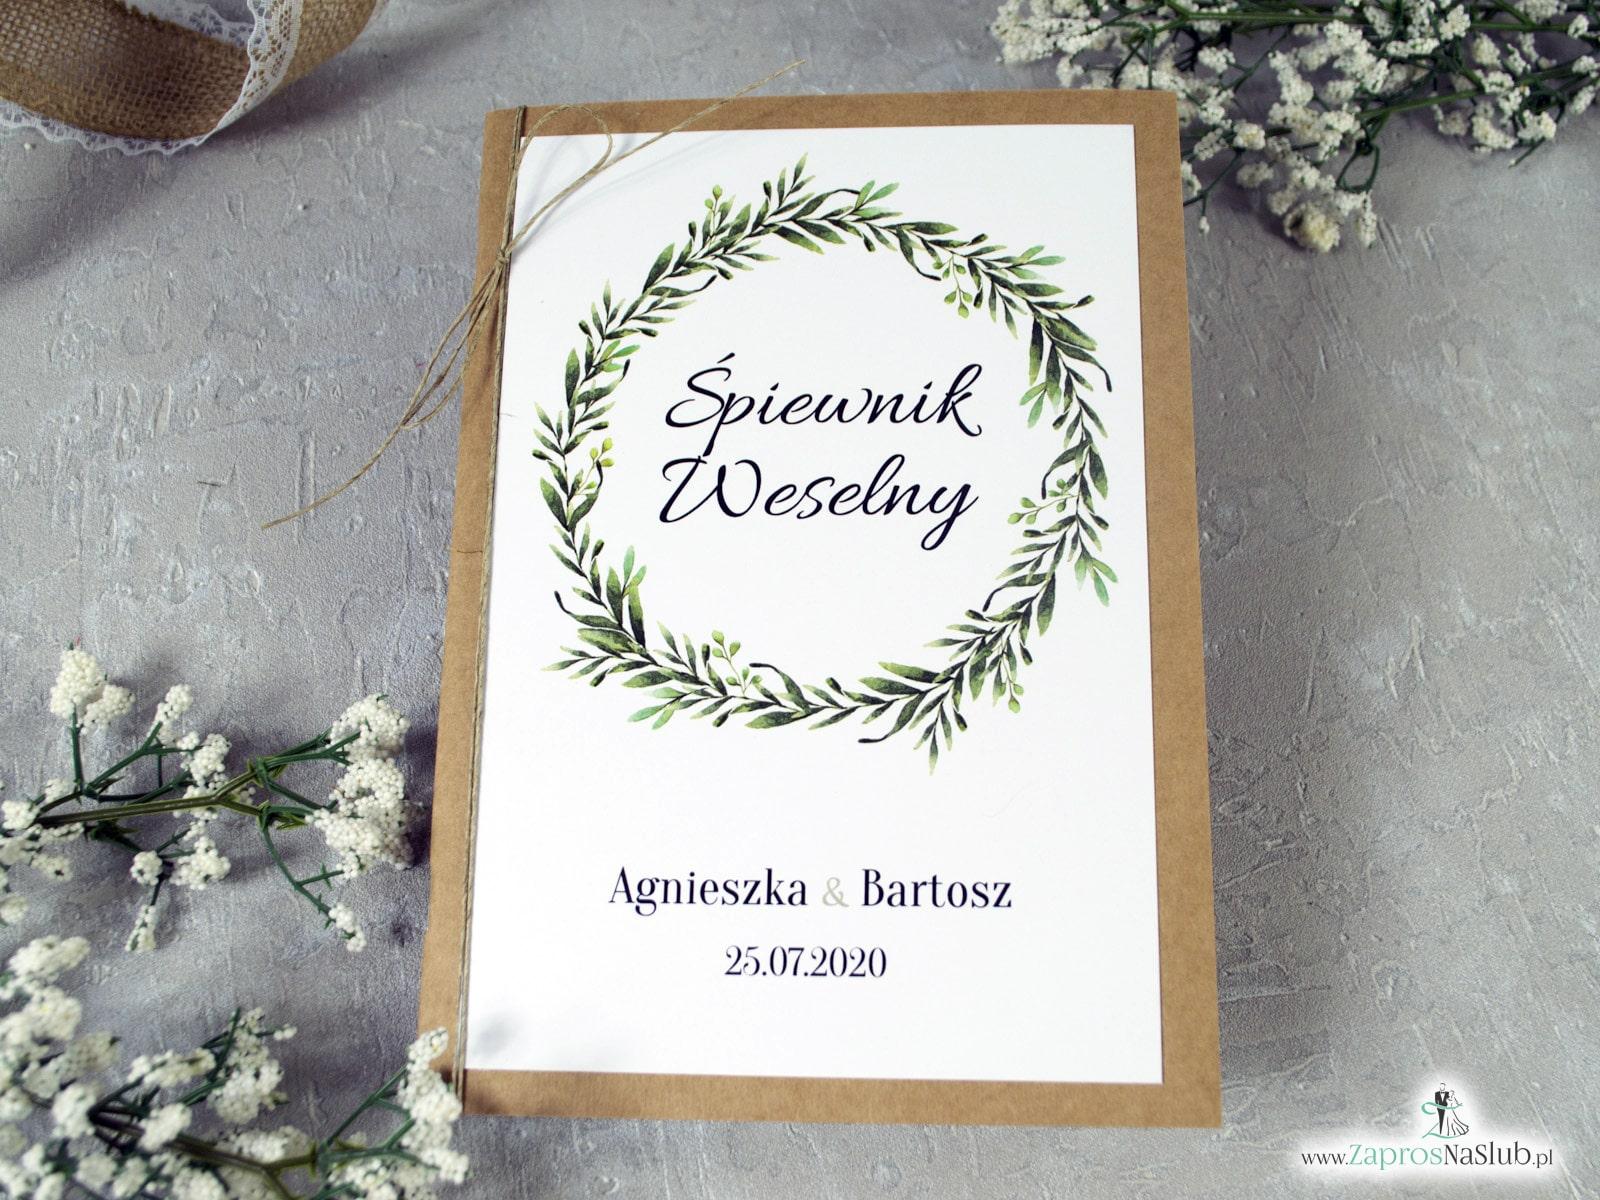 Śpiewnik weselny eko z zielonymi liśćmi w stylu rustykalnym SPW-111